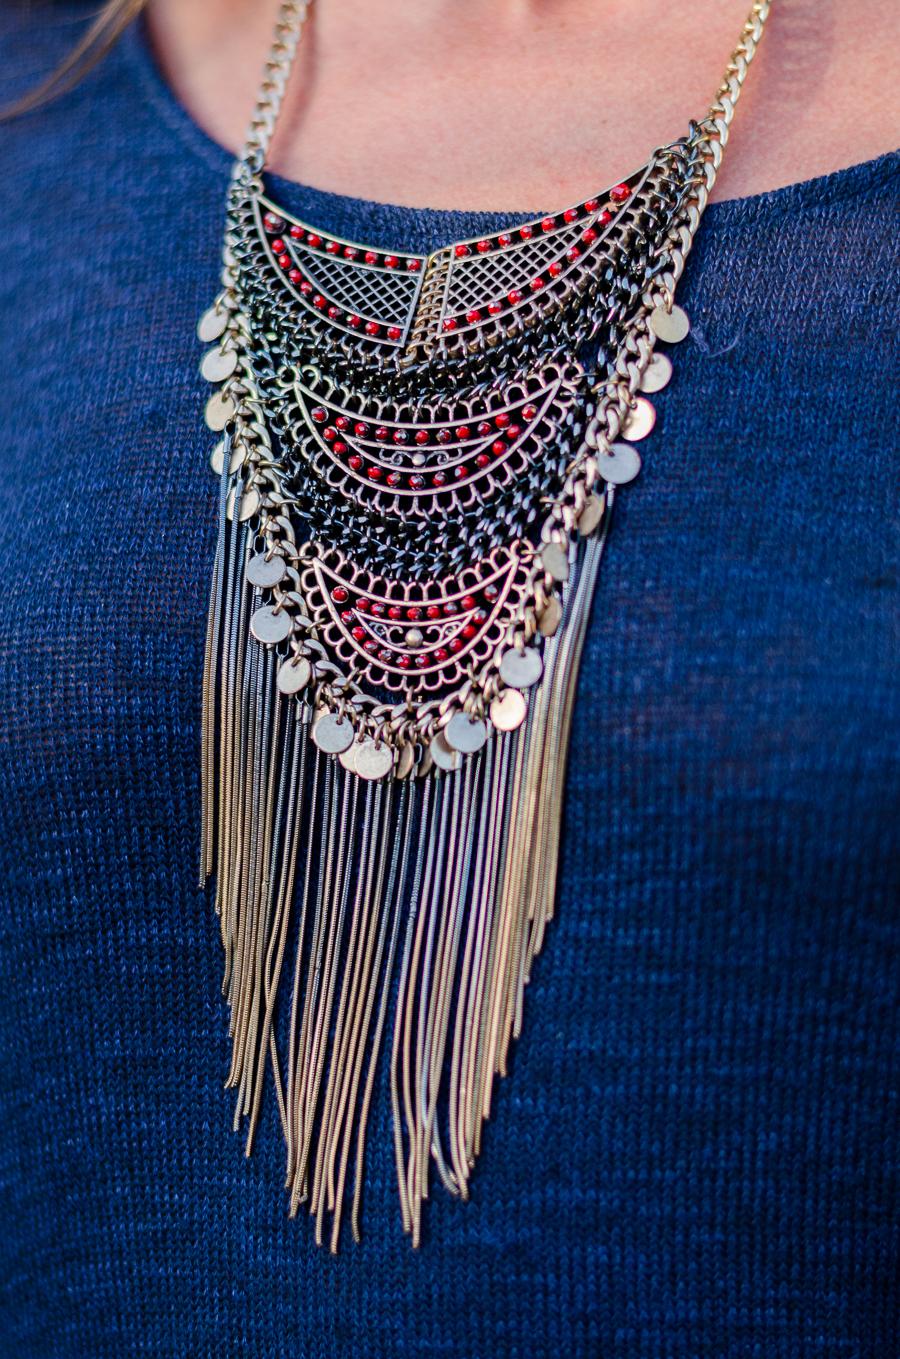 statement necklace zara and fringe bag outfit sommer lässig